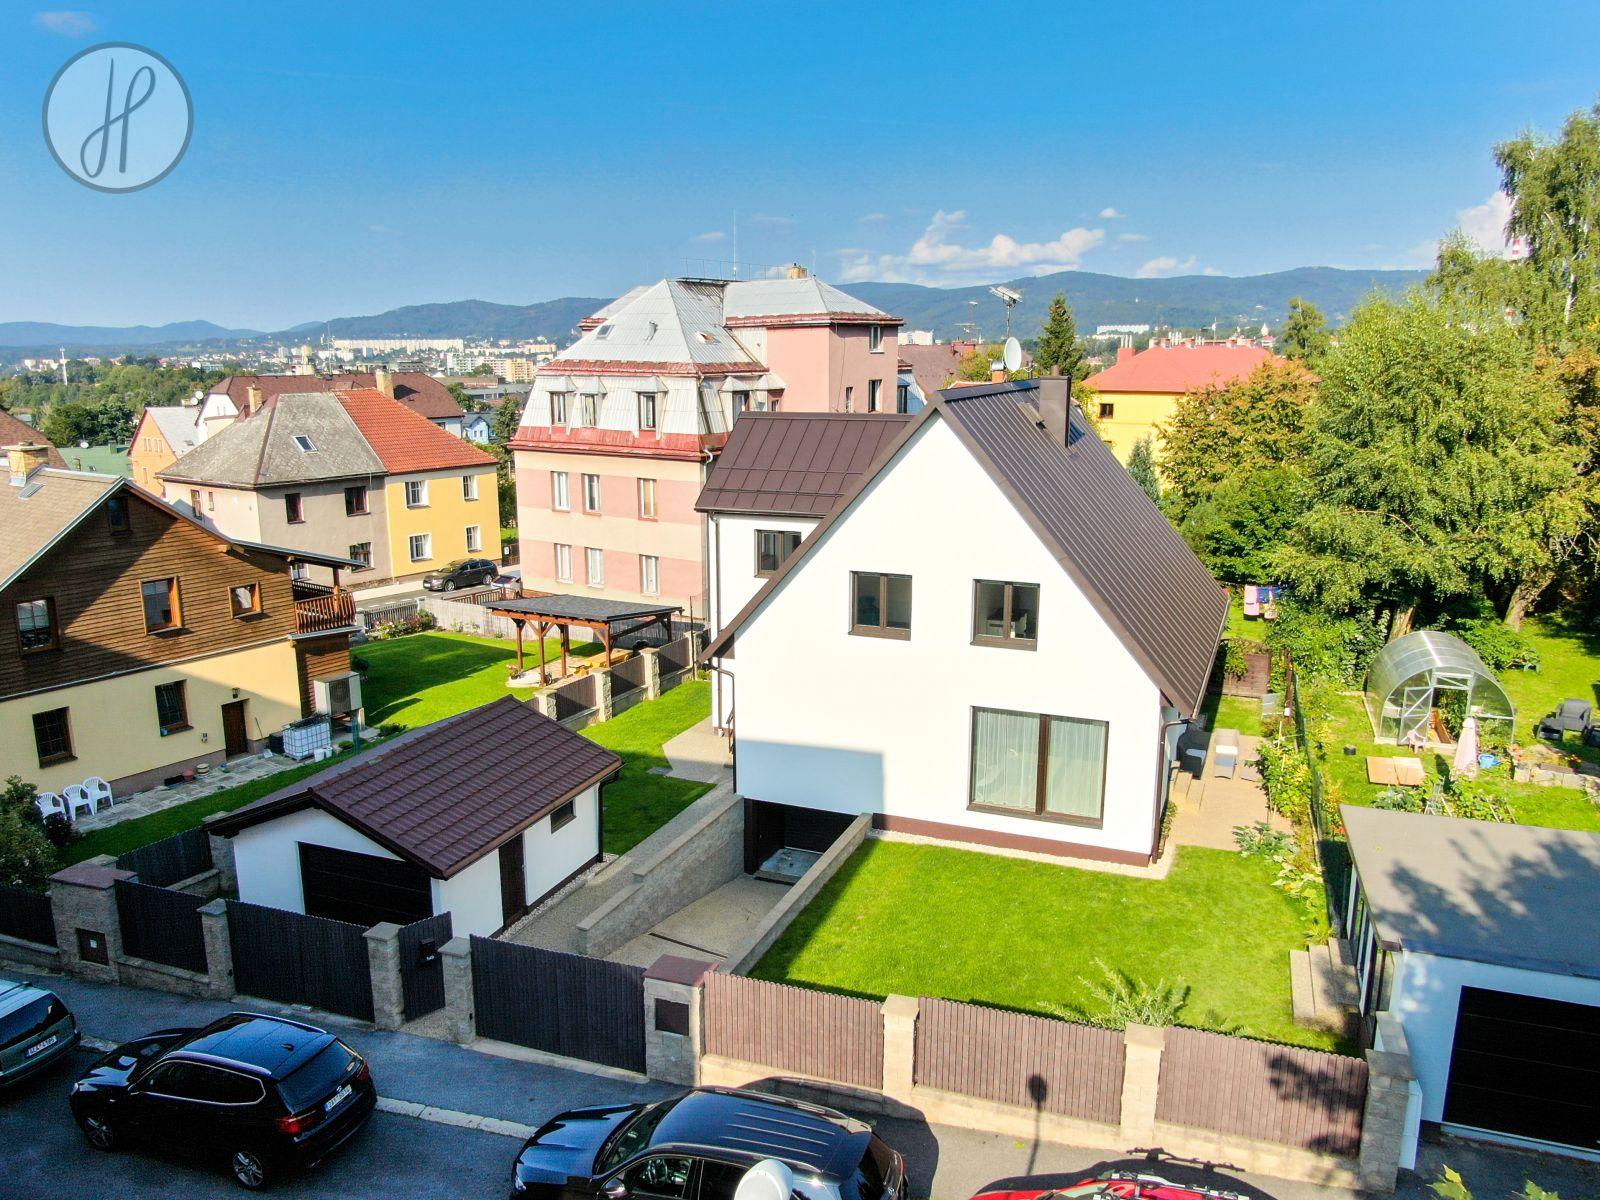 Prodej rodinného domu 6+kk, 235 m2, Liberec VII-Horní Růžodol